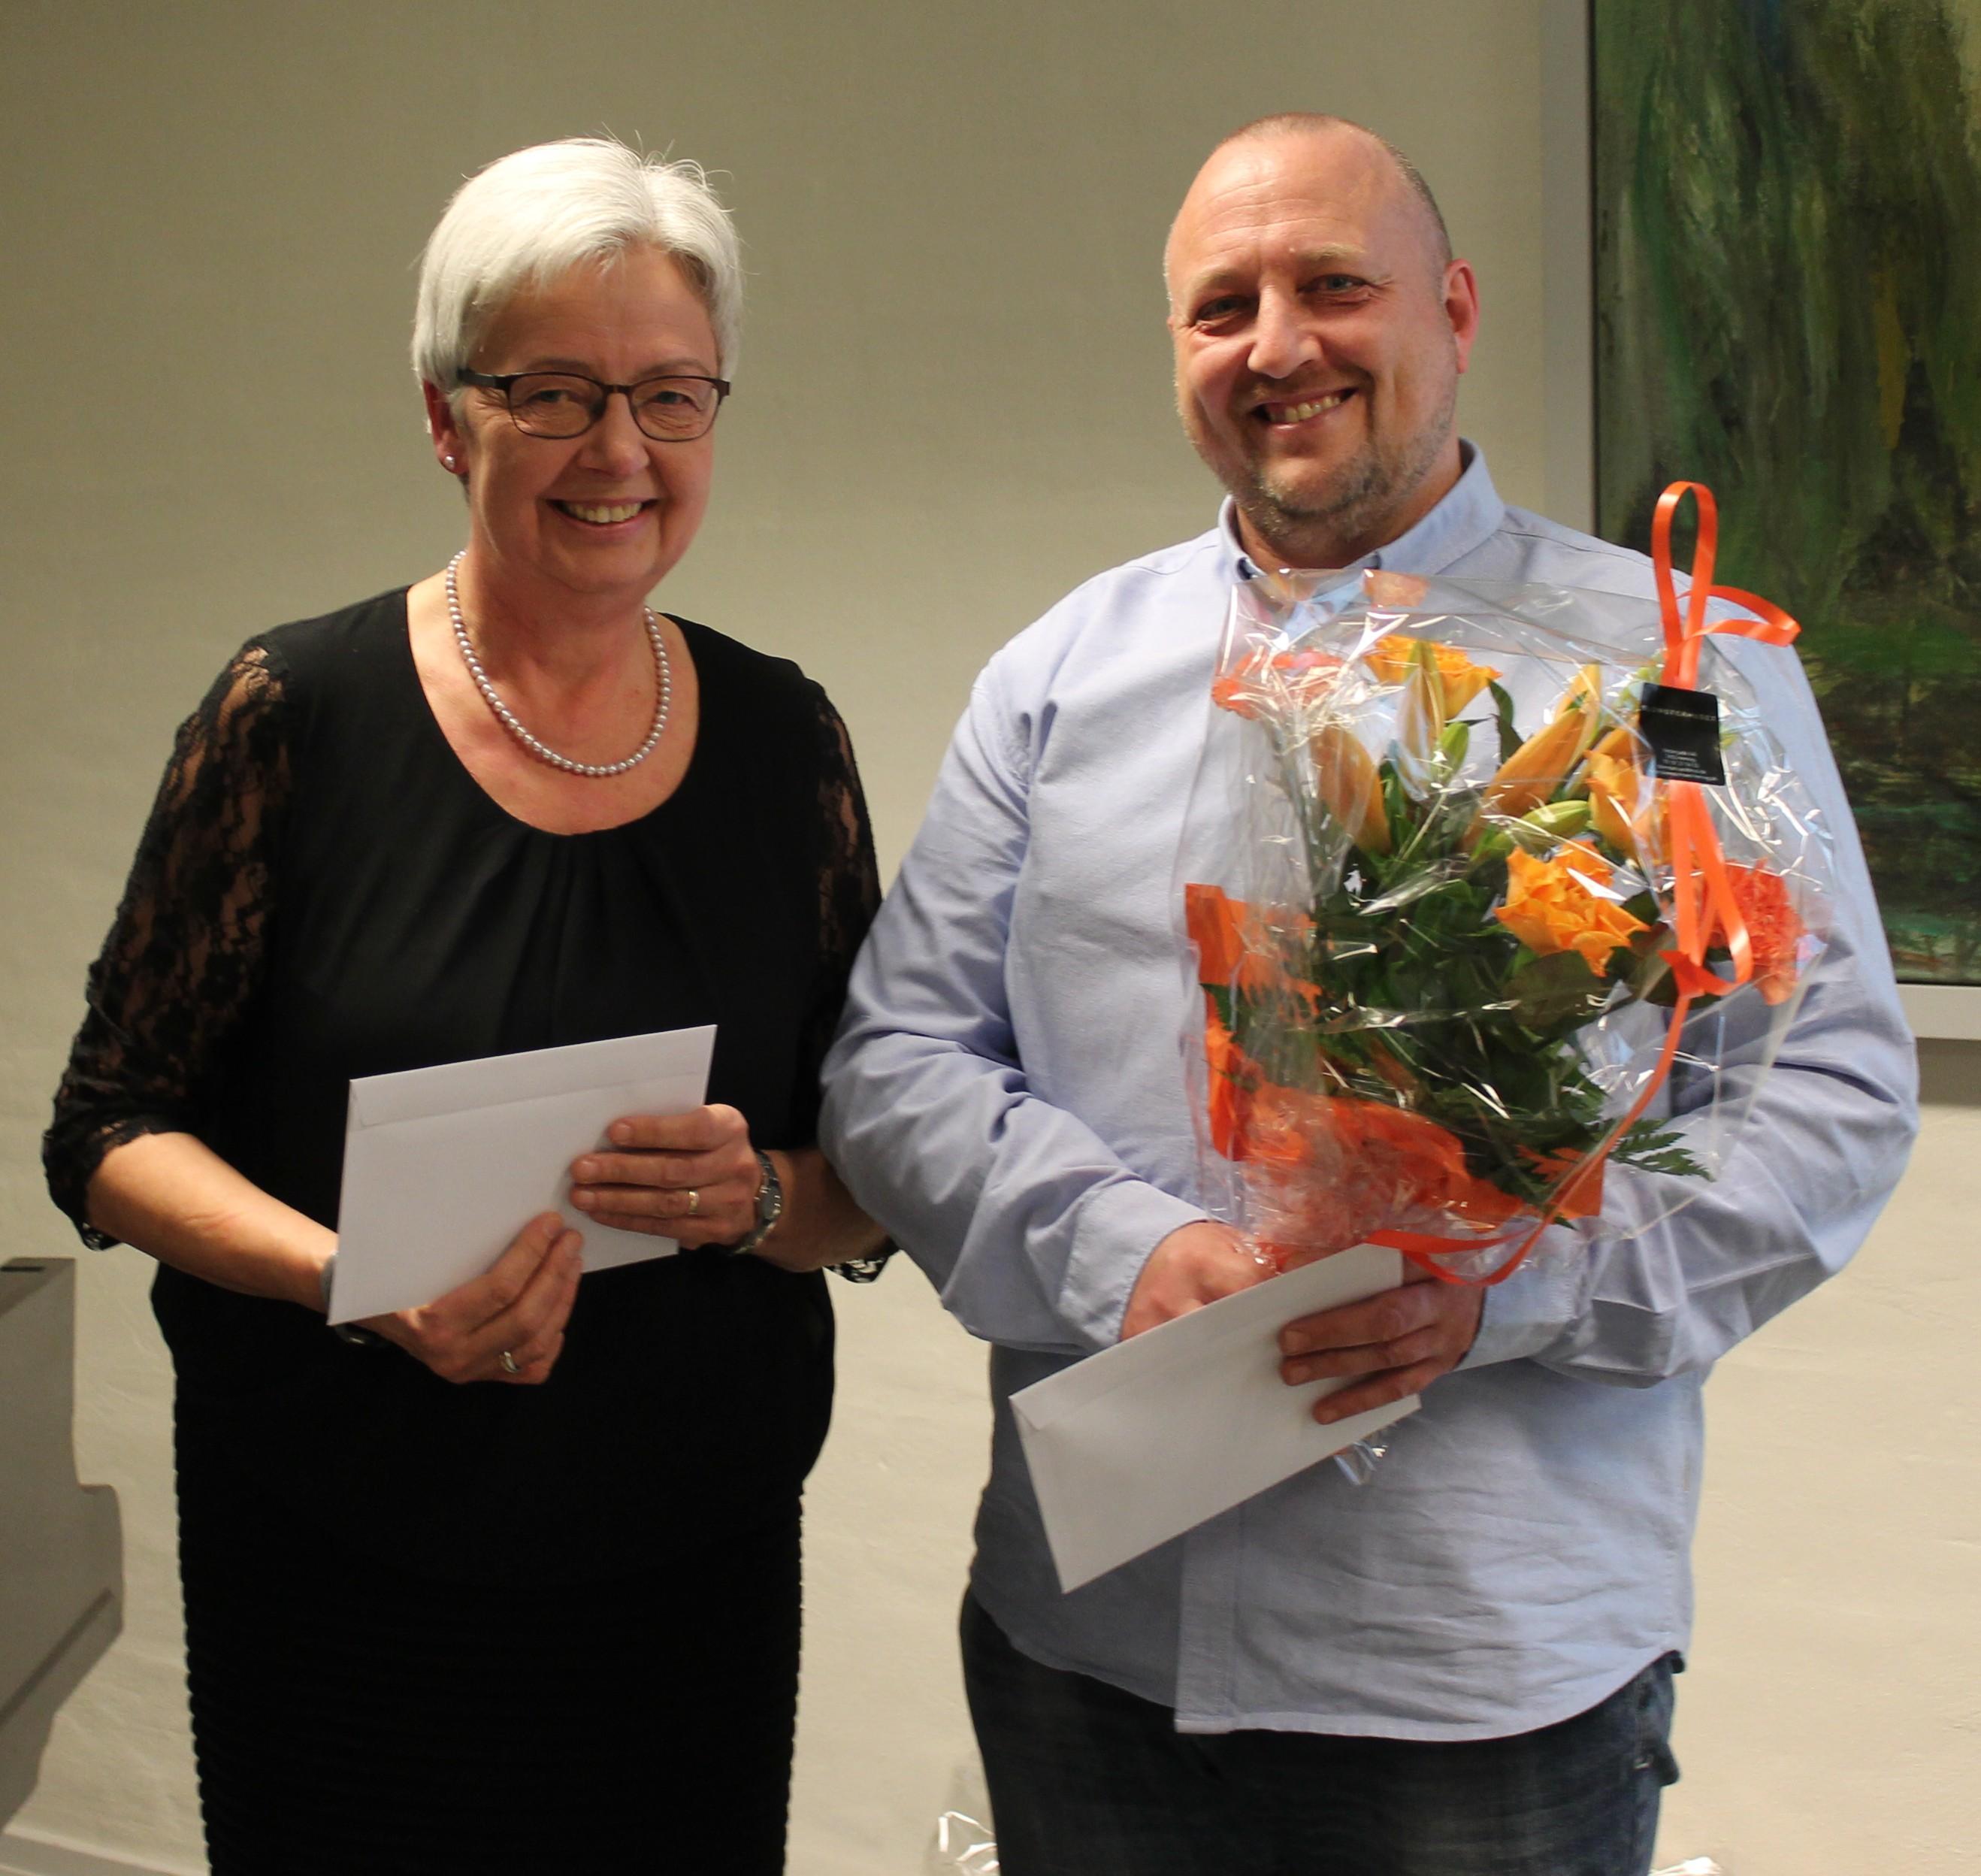 Formand for menighedsrådet Ane Marie Mortensen overvækker årets legat til Rene Pedersen.